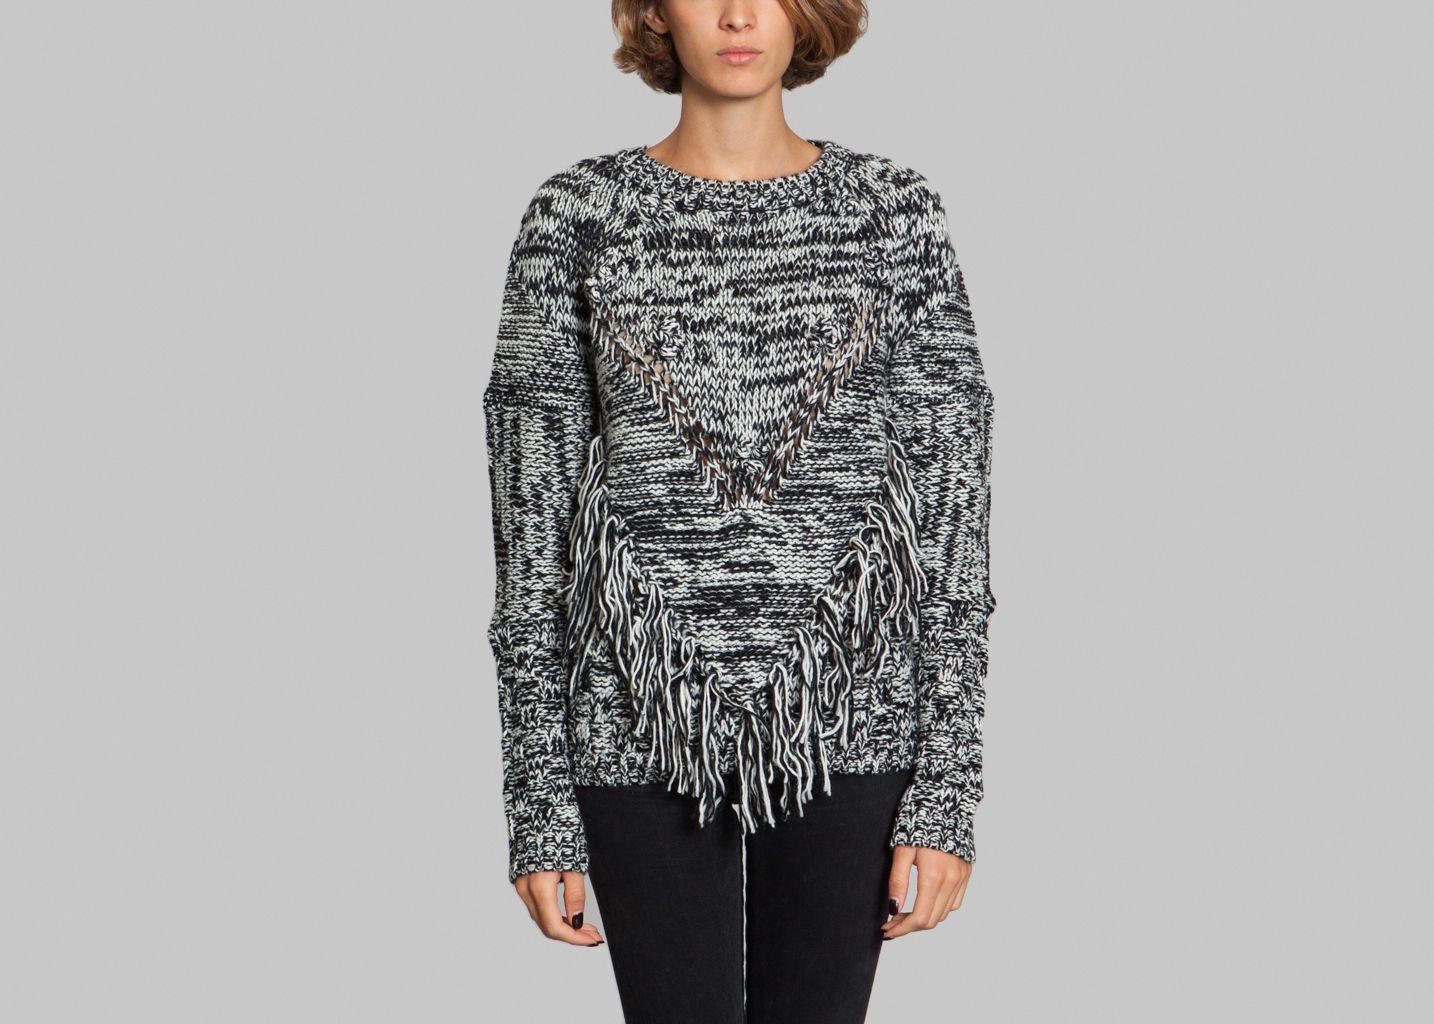 Pull Torsade - Dress Gallery